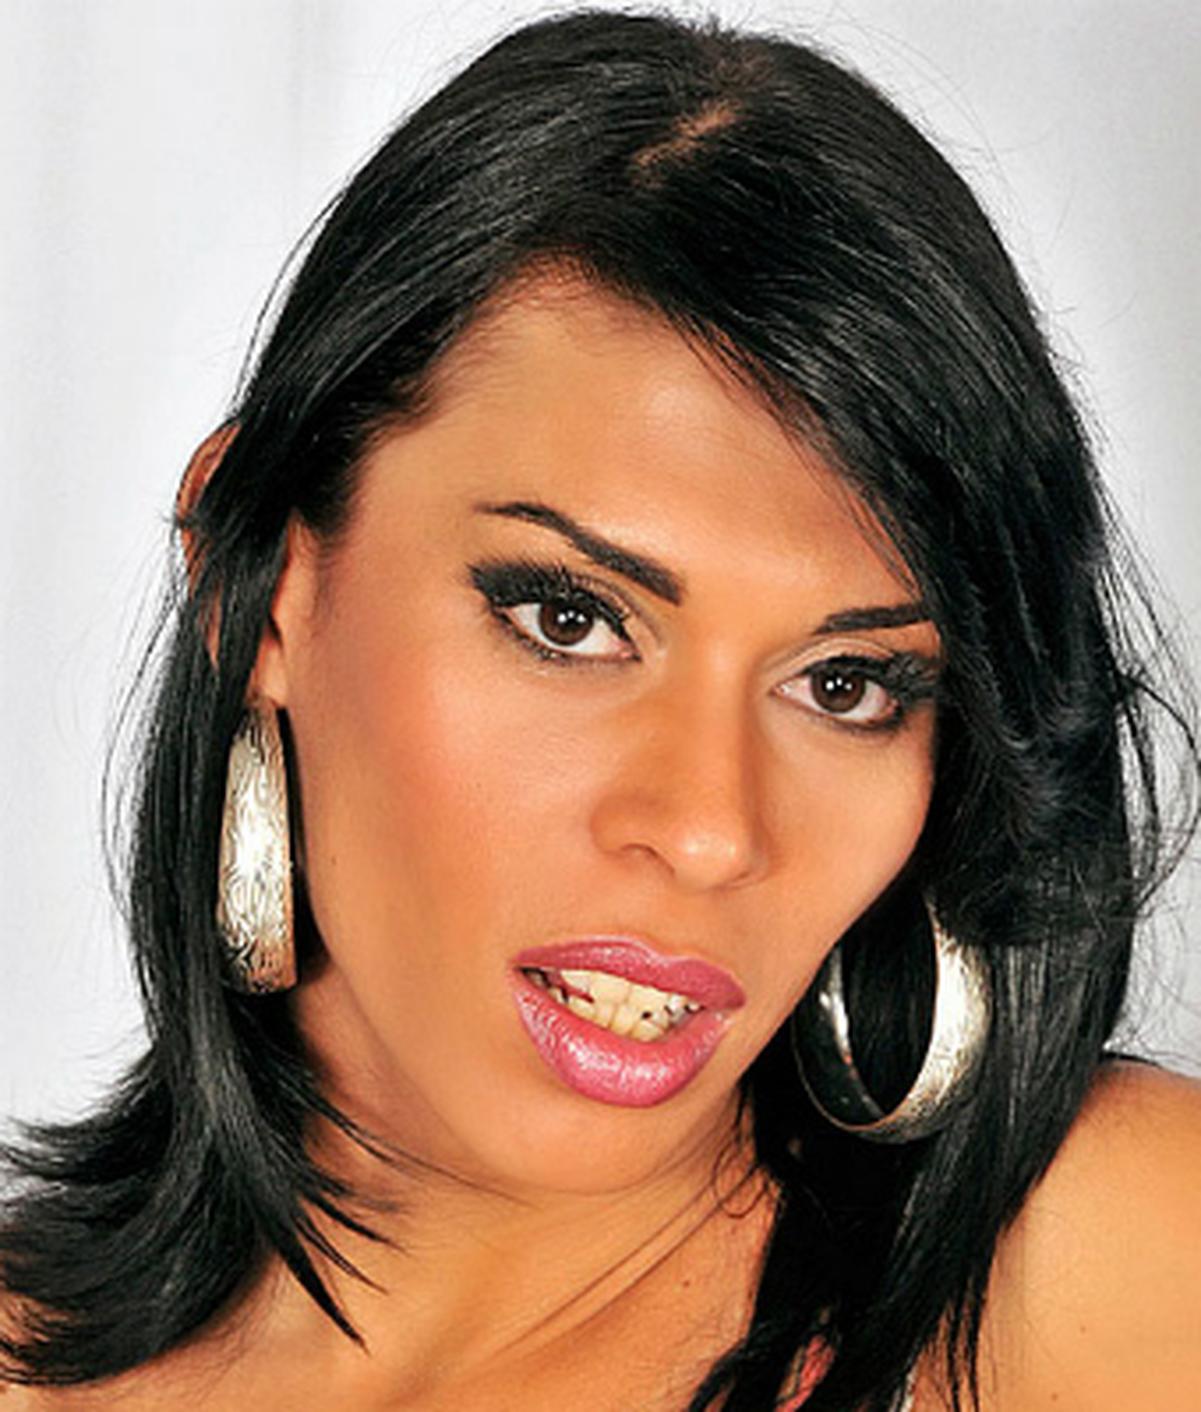 Sabrina de Castro wiki, Sabrina de Castro bio, Sabrina de Castro news